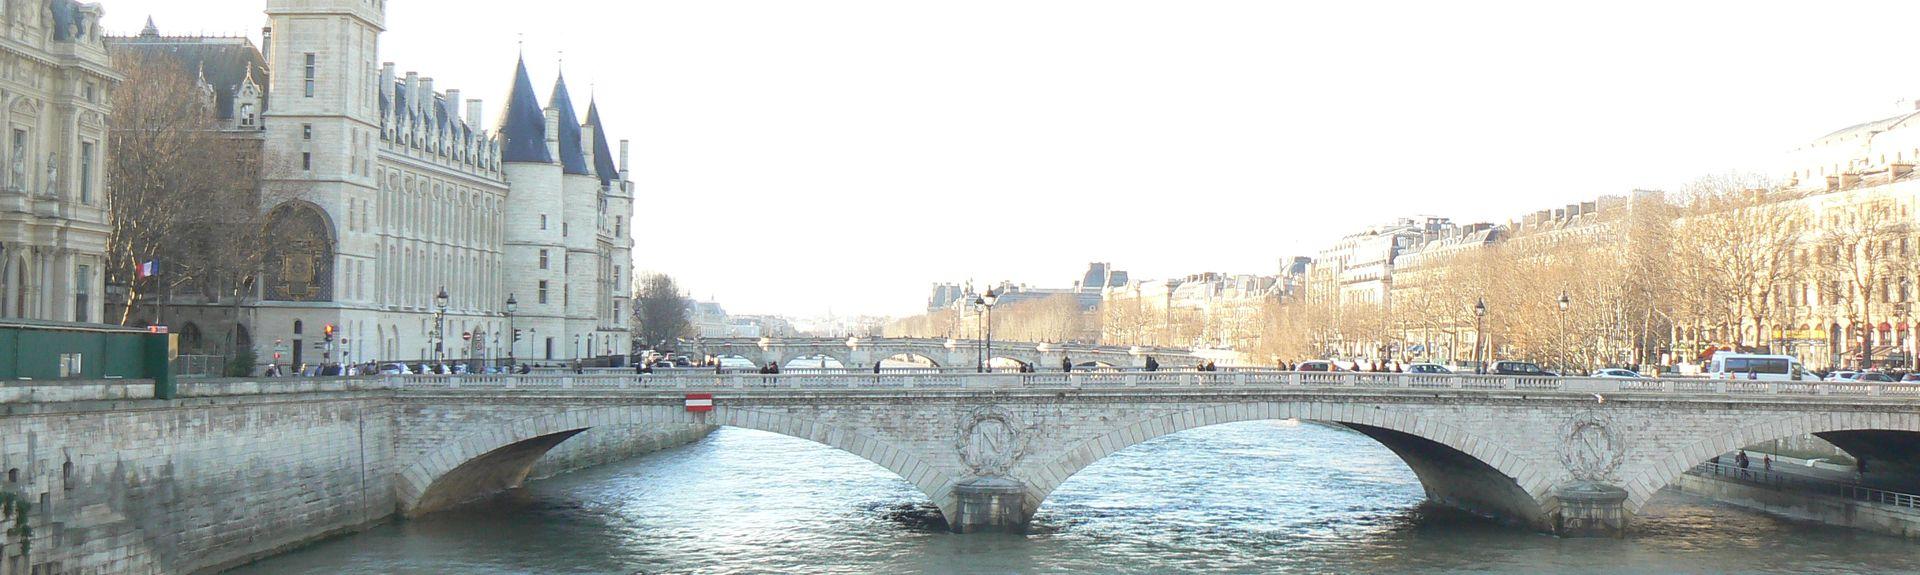 Quartier de la Roquette, Paris, Iha-de-França, França